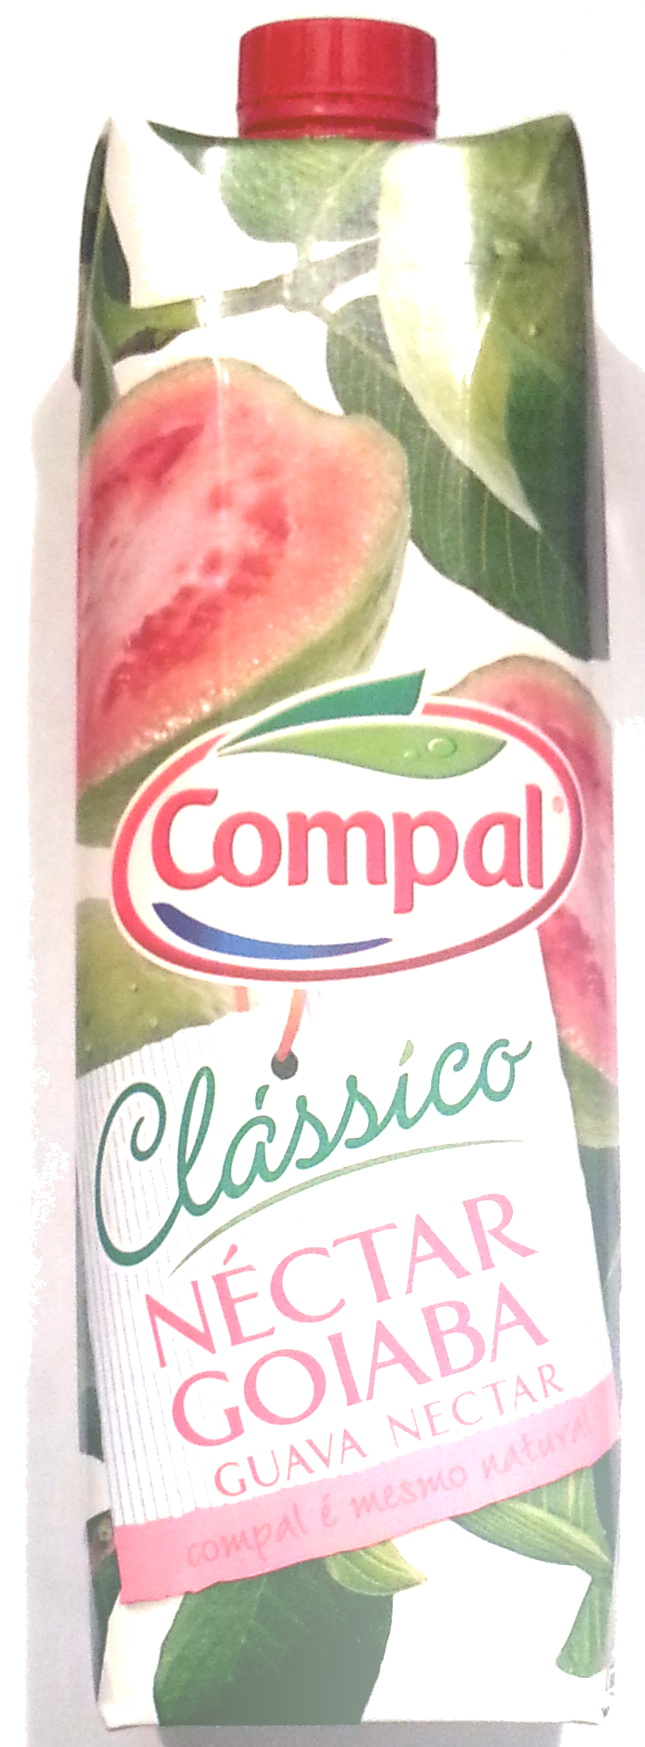 Clássico Néctar Goiaba - Product